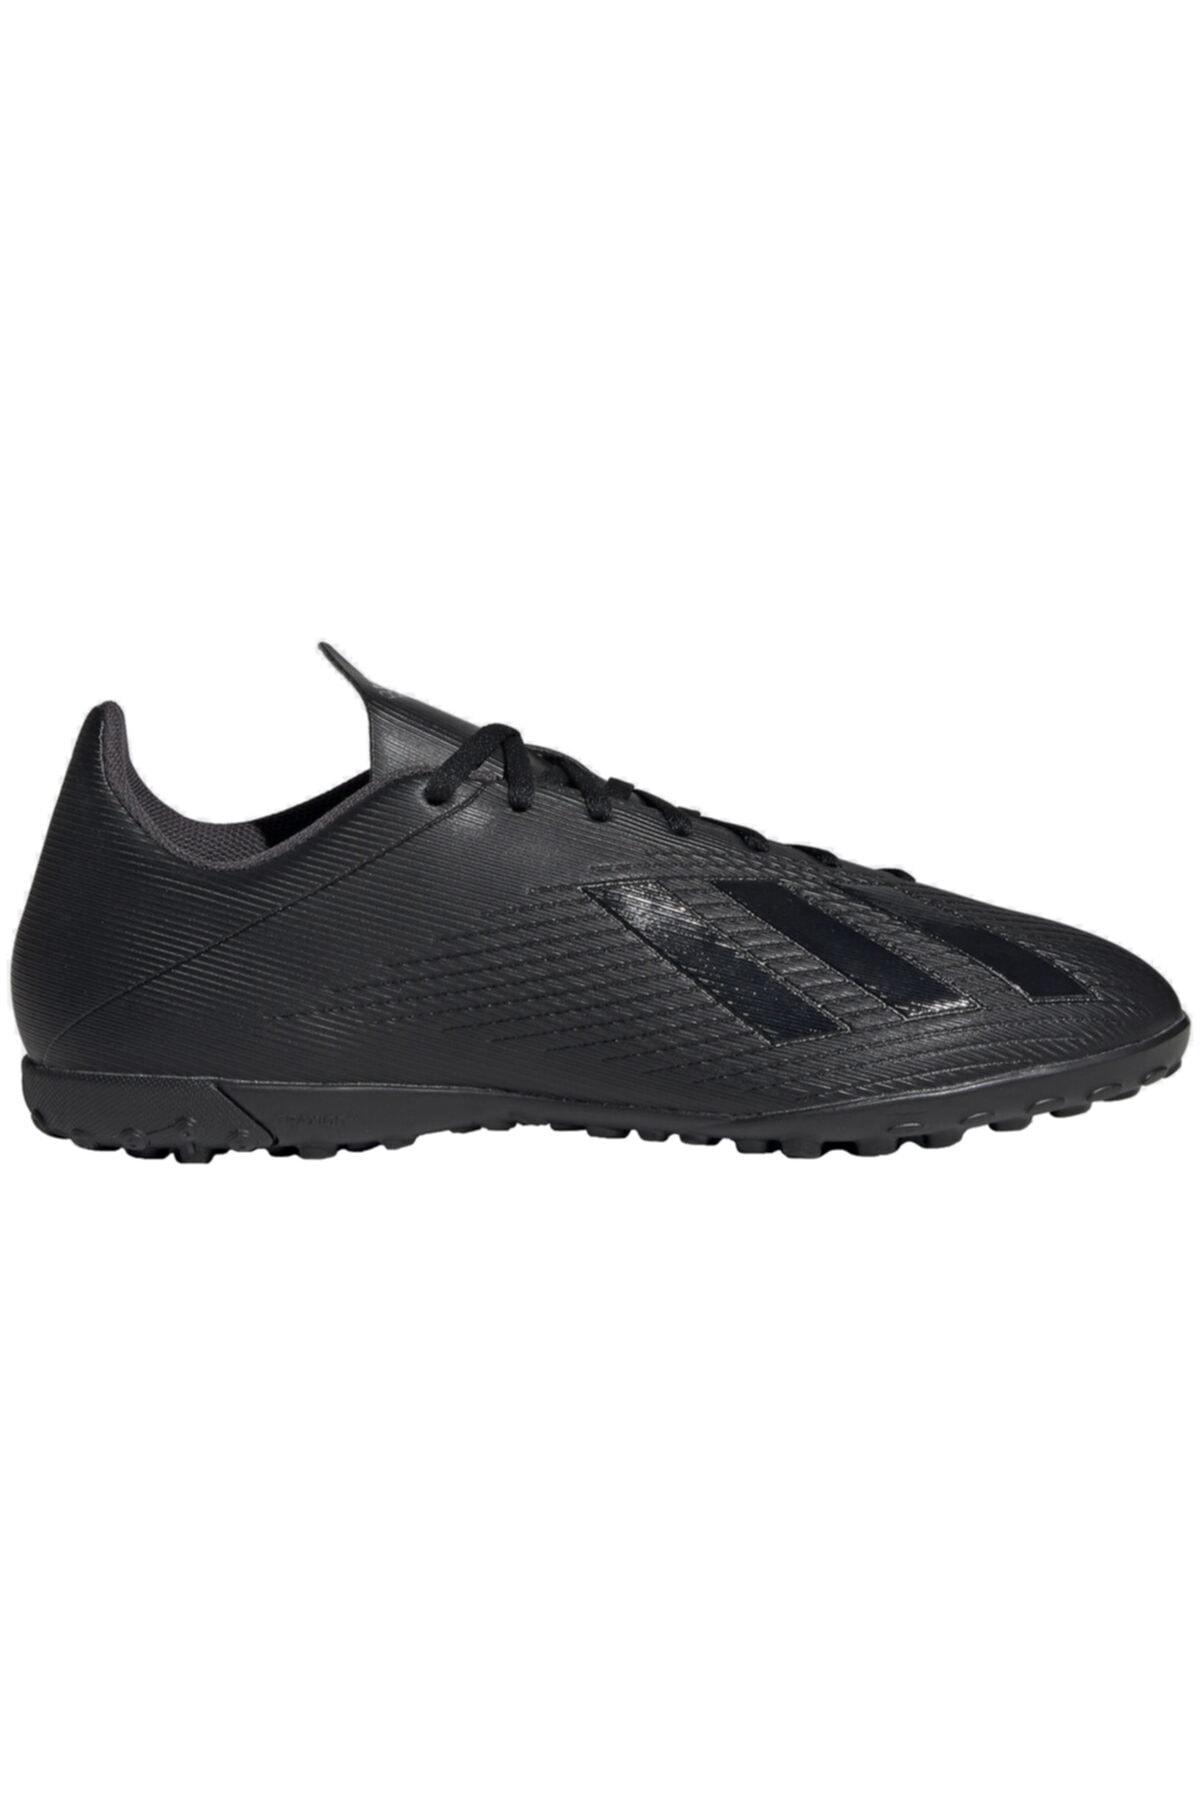 adidas X 19.4 TF Siyah Erkek Halı Saha Ayakkabısı 101117852 1